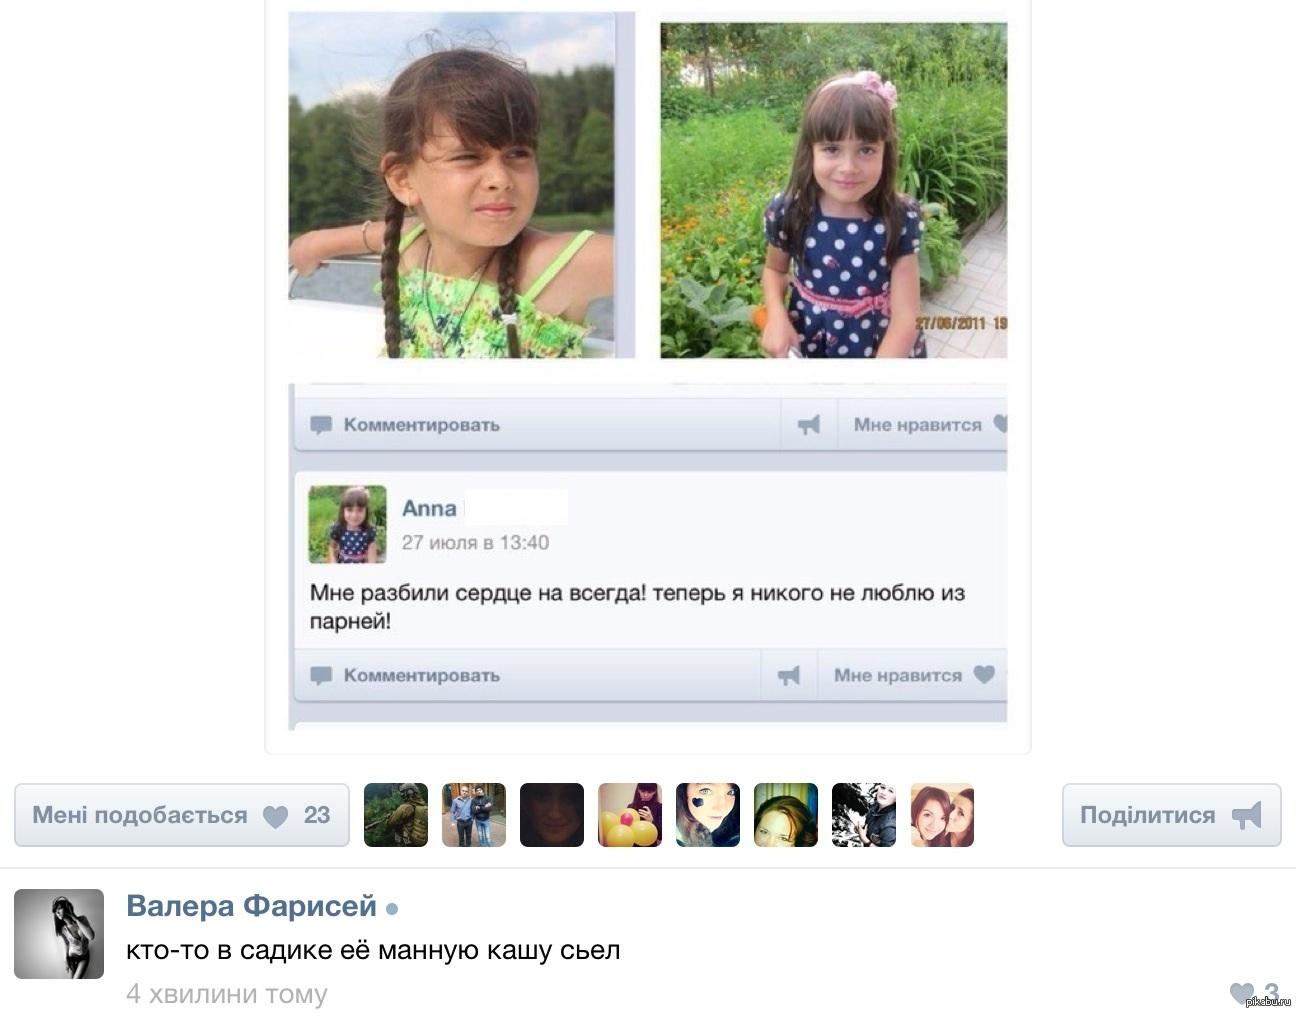 Смс знакомства украина 10 фотография